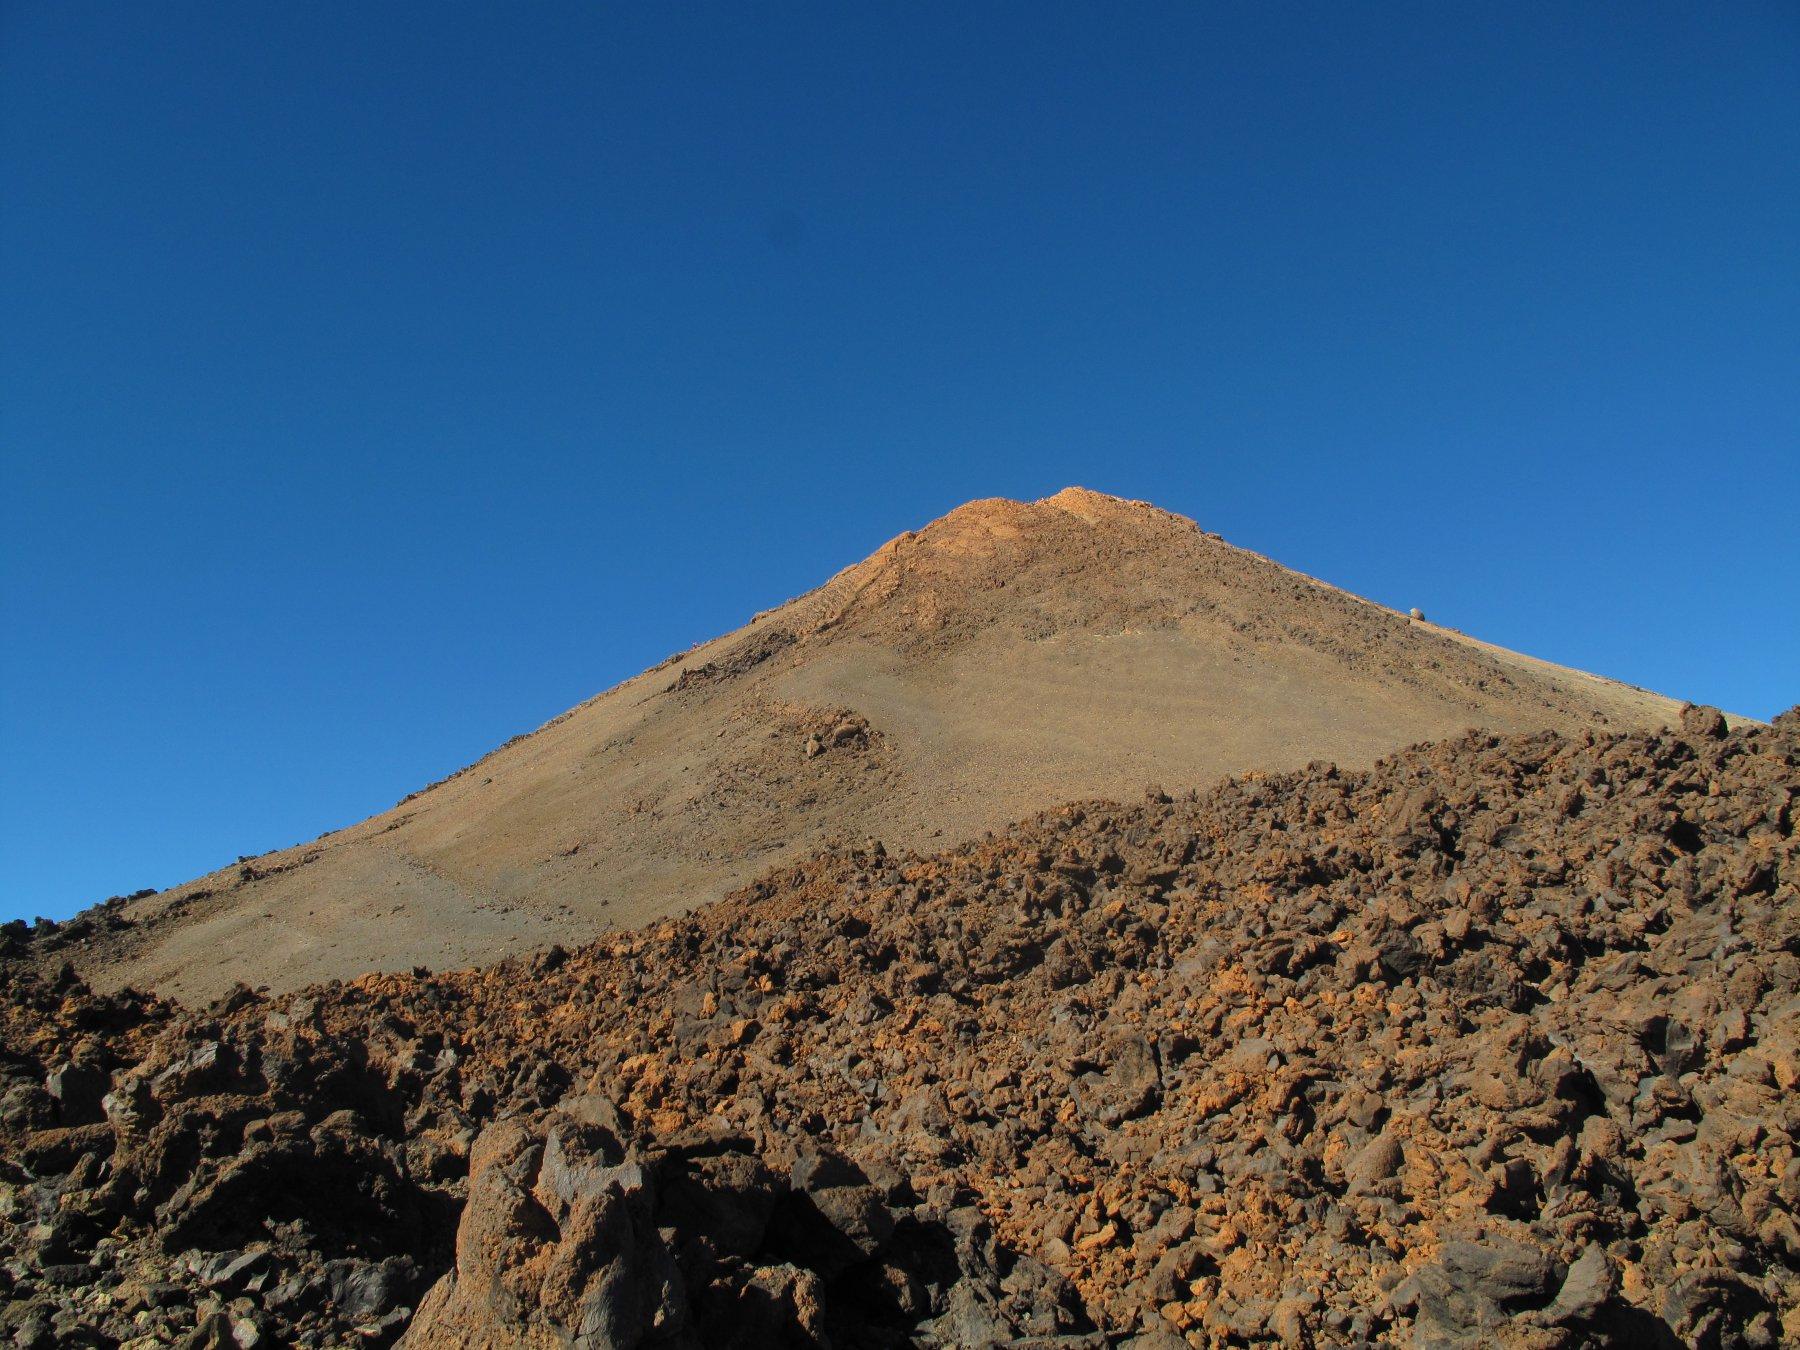 Teide (Pico de) Via Normale da Montaña Blanca 2016-01-06